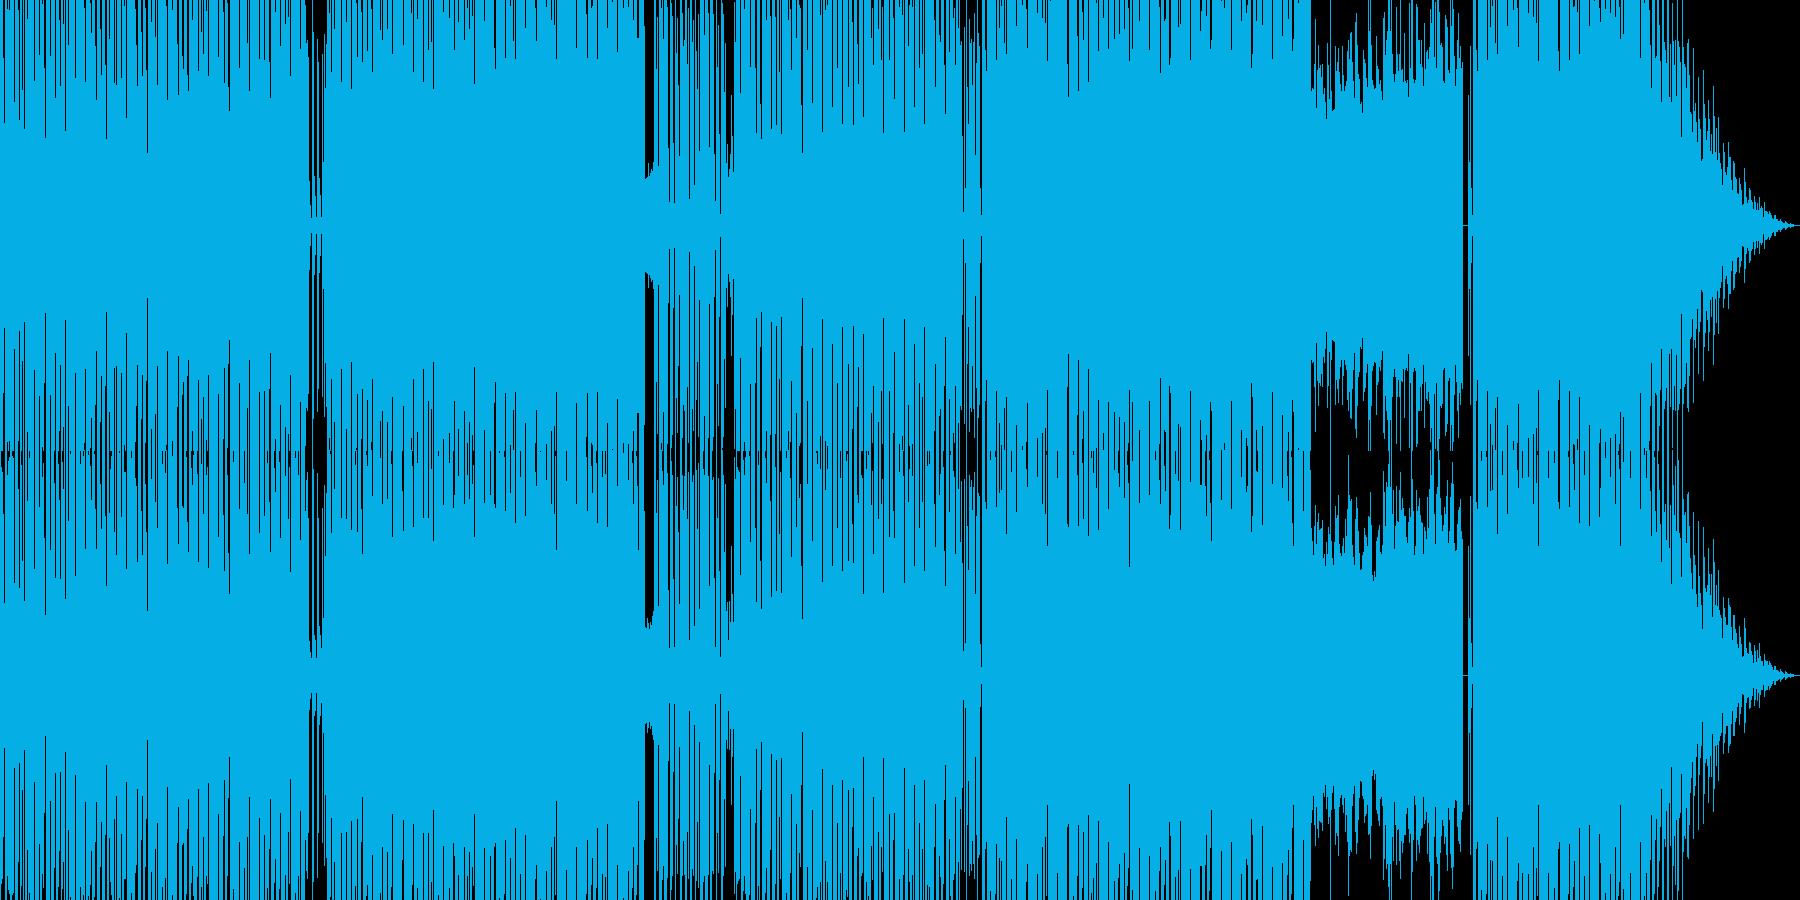 グランドコーラスが印象的なテクノの再生済みの波形